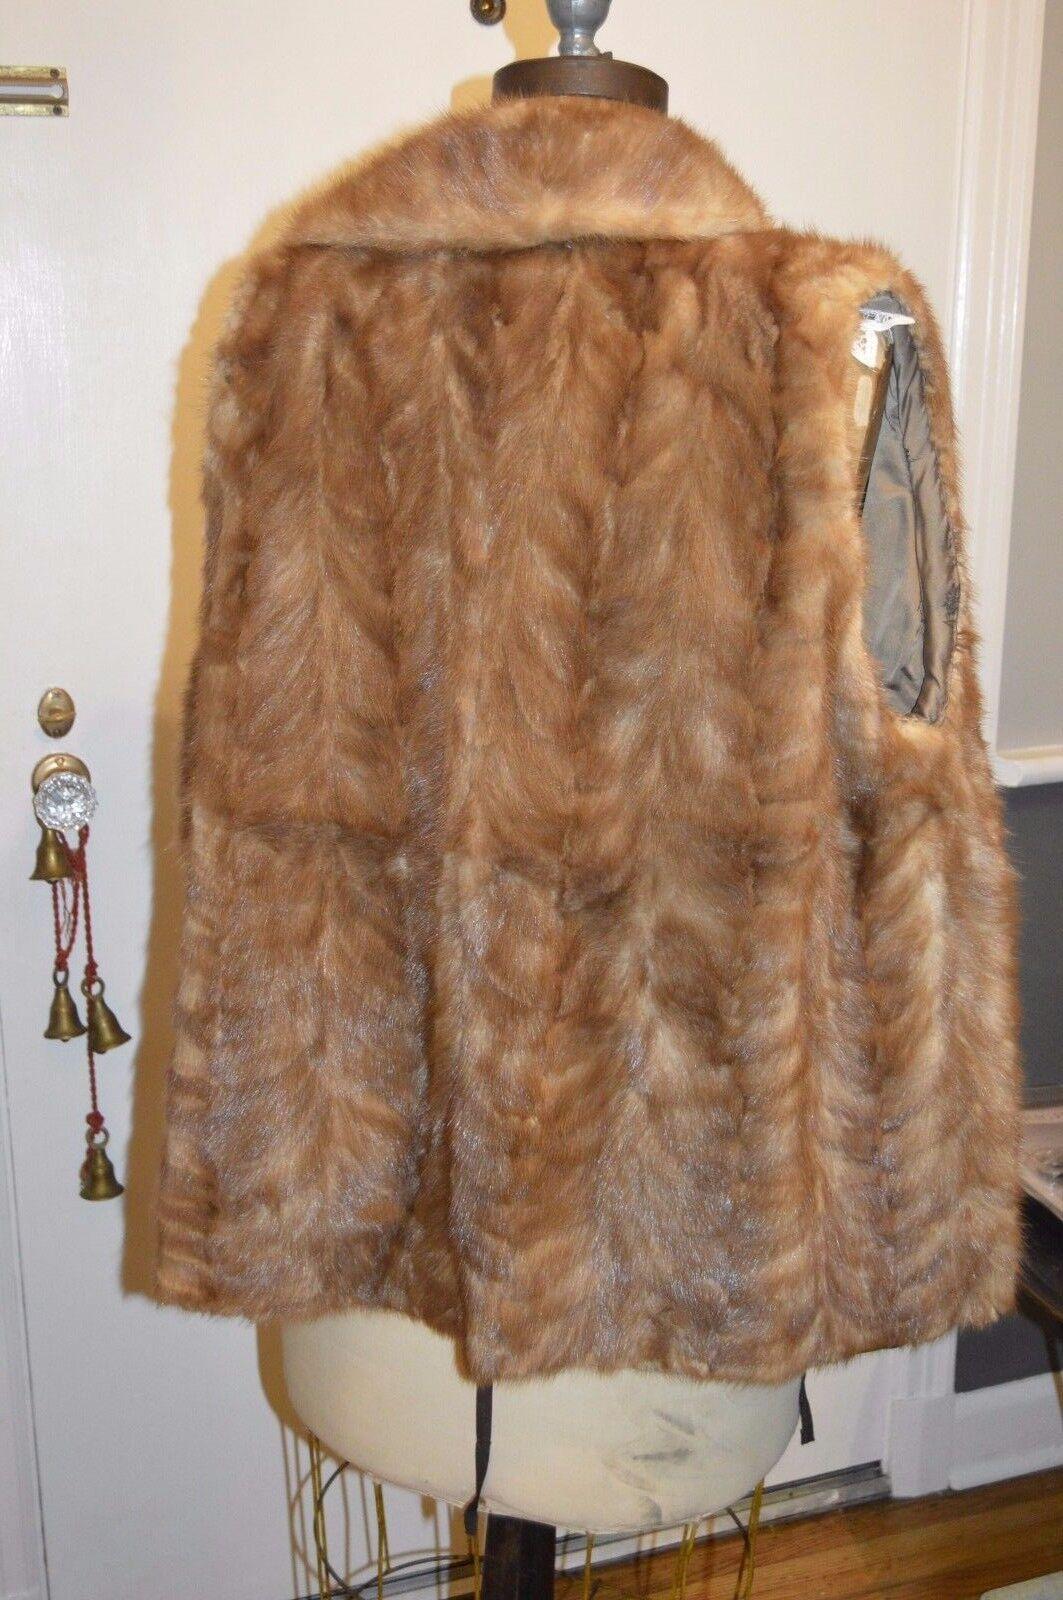 890a33dd0 Brown mink fur vest m l dxzc62c473129-Coats, Jackets & Vests ...